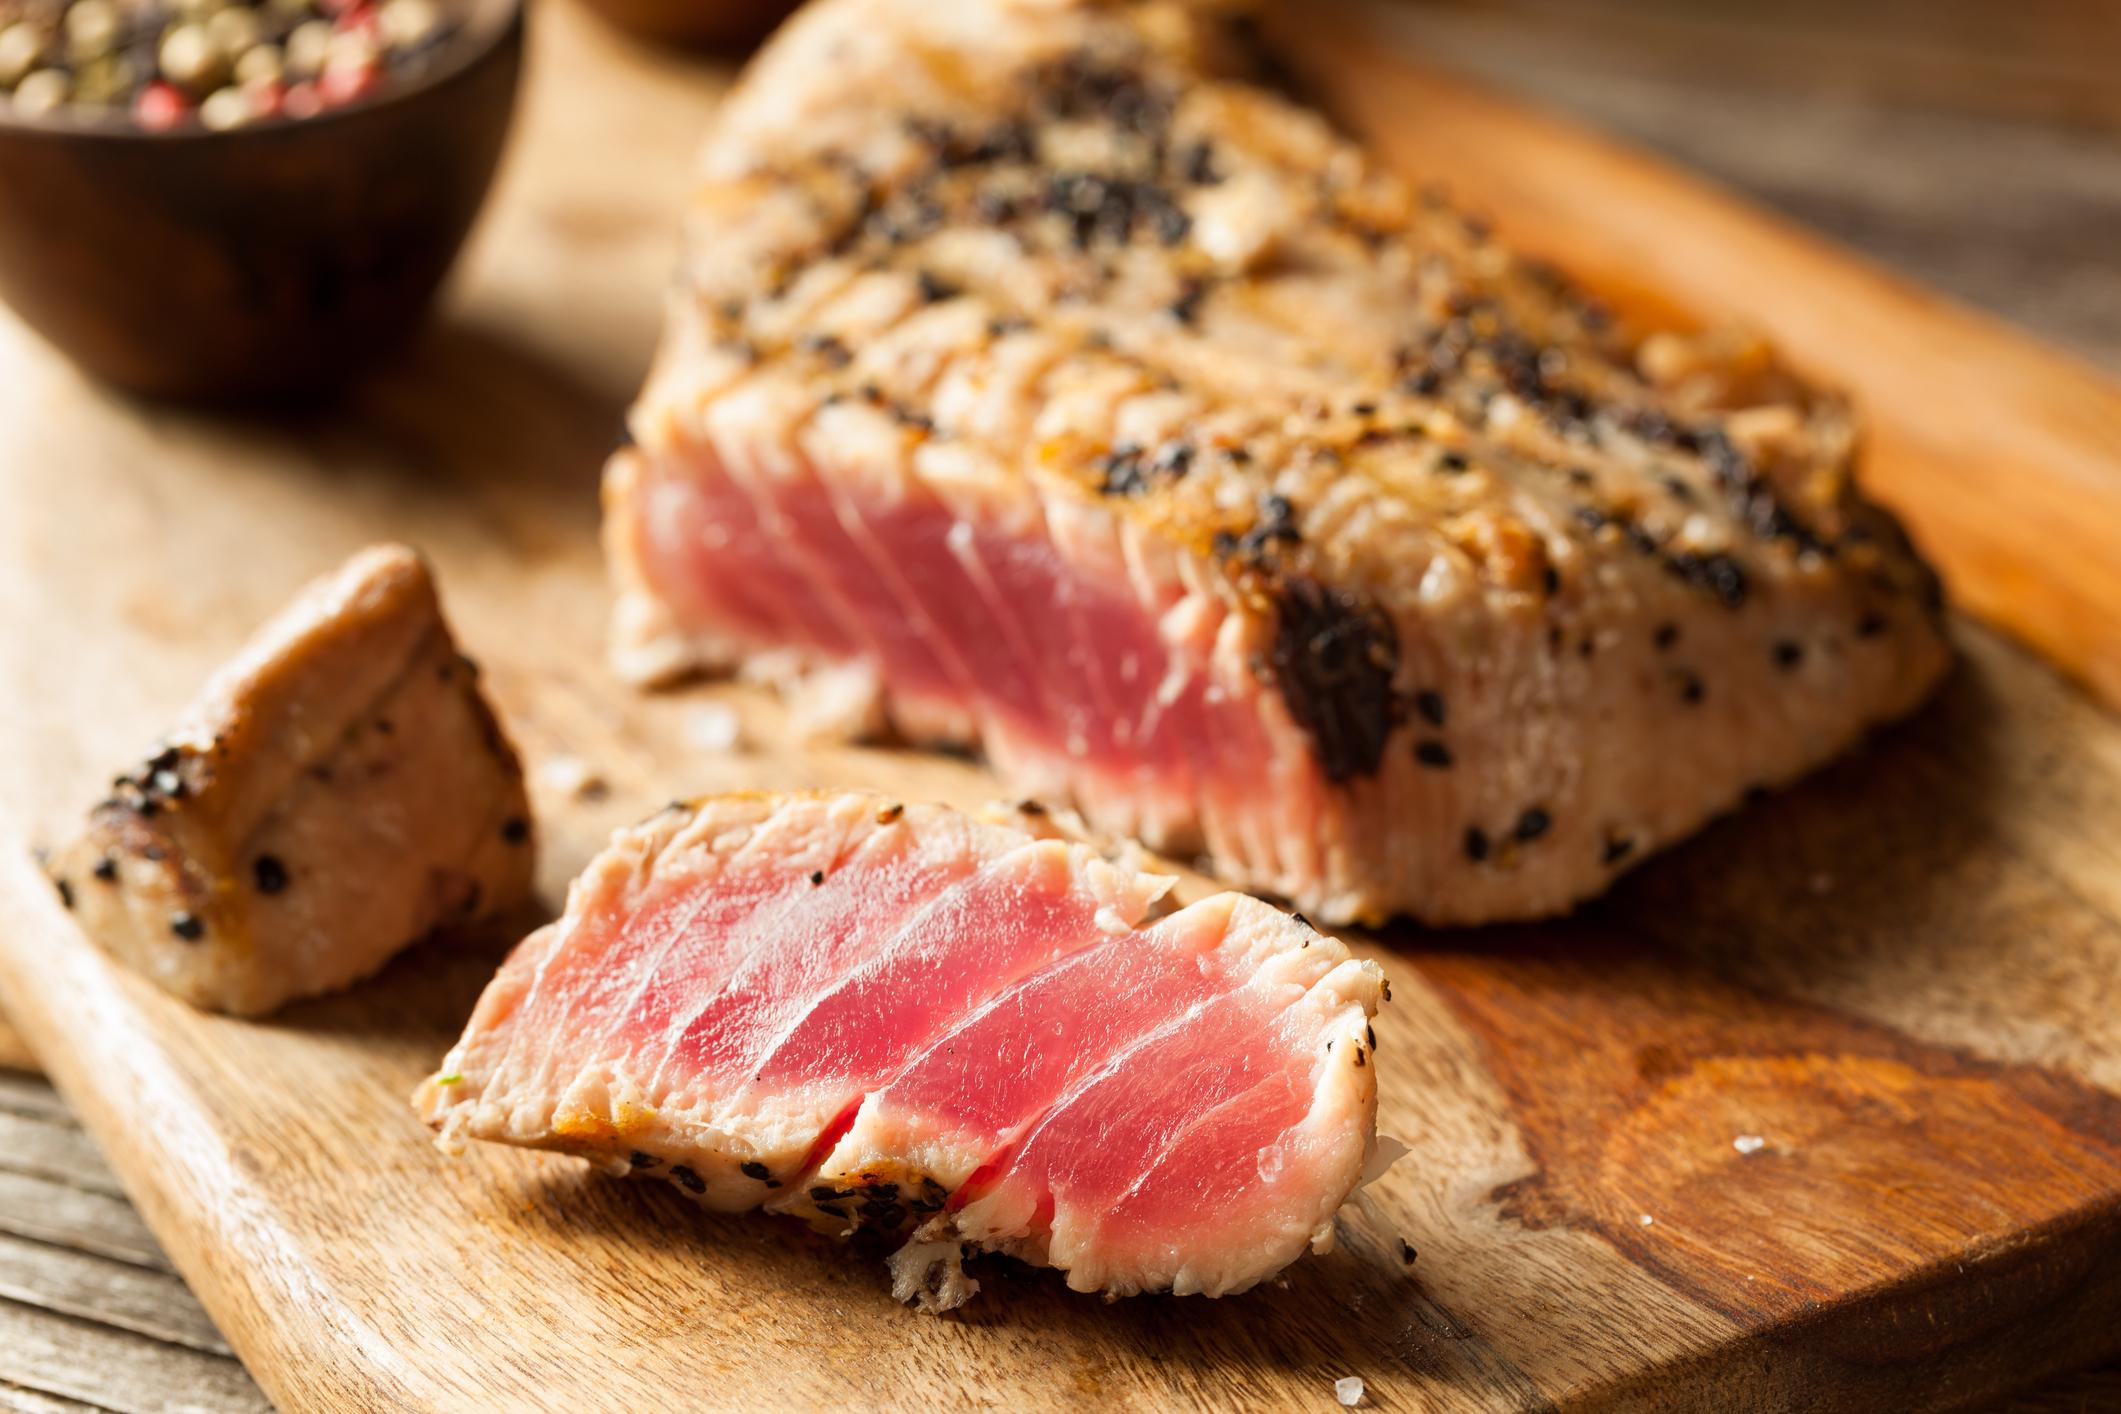 Риба тон: още една безкрайно полезна риба за здравето ни. За предпочитане е сами да си я сготвите вкъщи, отколкото да залагате на консервирания ѝ вариант. Тя е предпочитана при спазващите диета и макар също да е наситена с мазнини, доказано консумацията ѝ регулира мастните гени в областта на корема, предотвратява разширяването на кожата на корема.